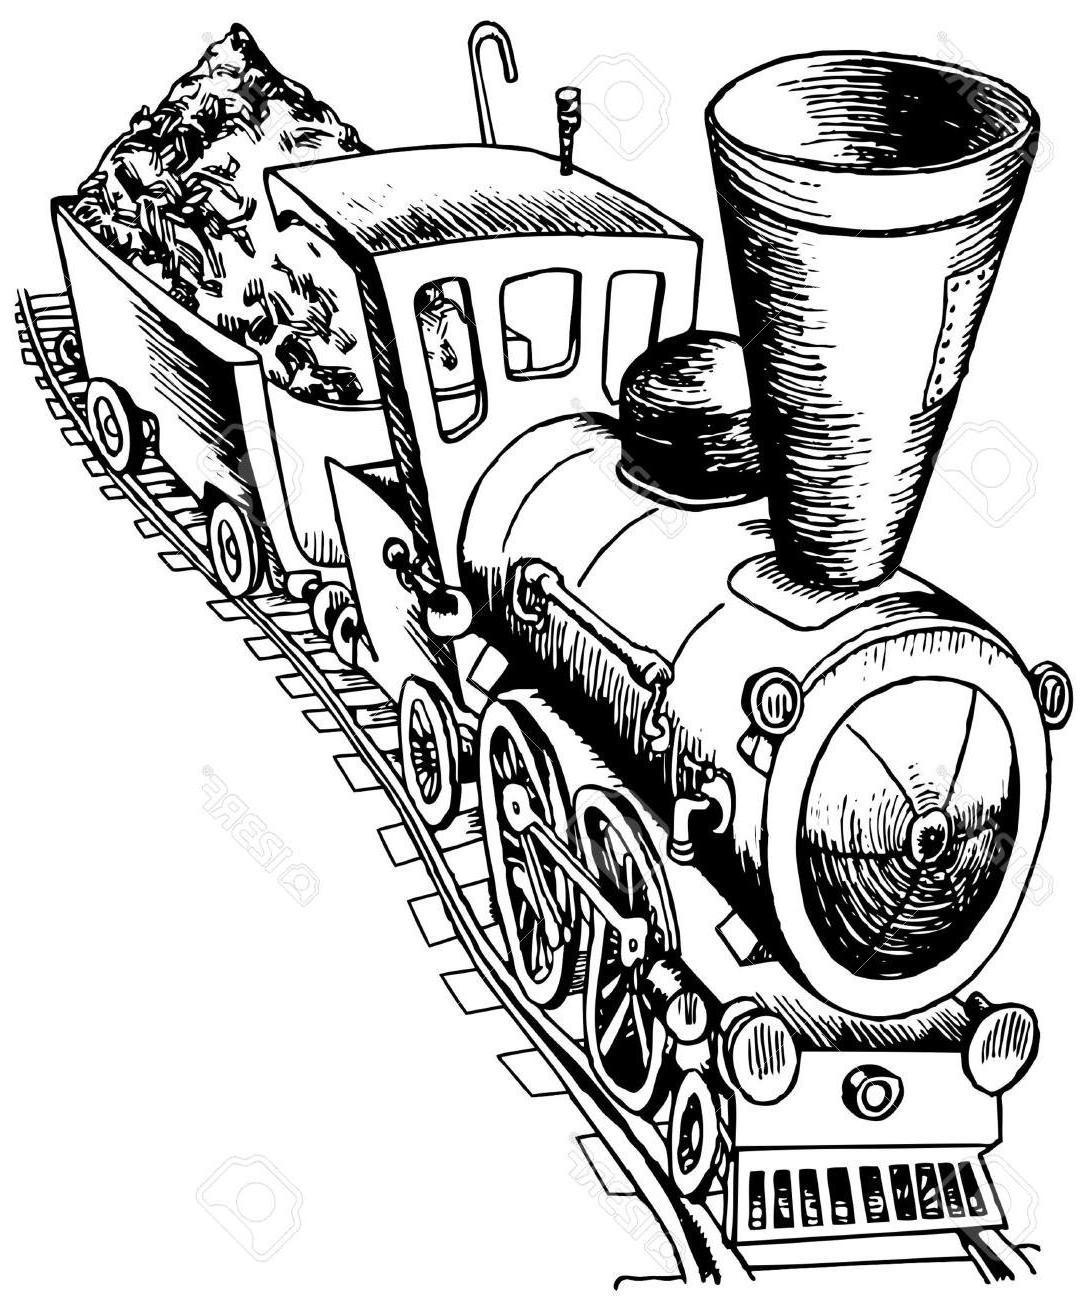 1092x1300 Unique Heavy Railroad Engine Stock Vector Train Cartoon Steam